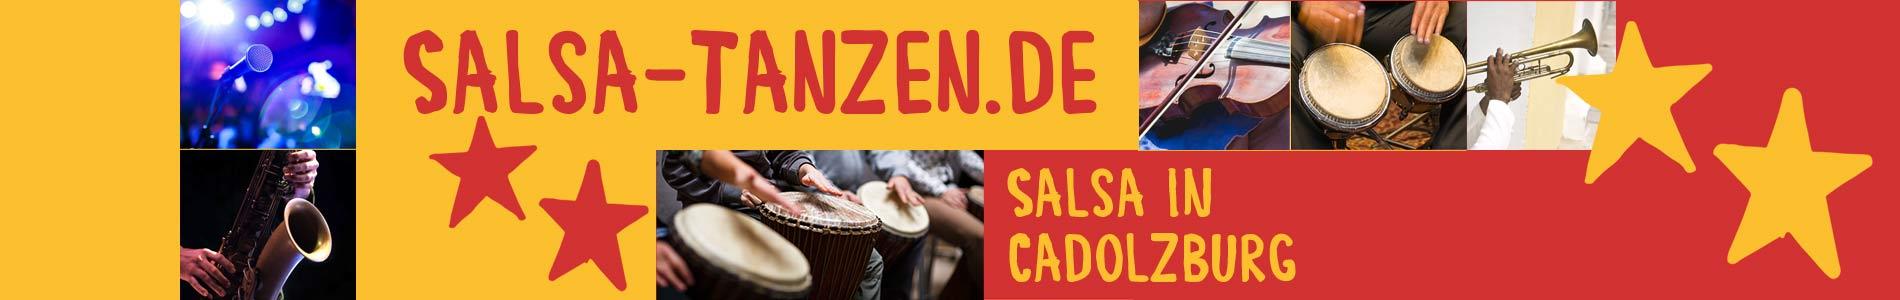 Salsa in Cadolzburg – Salsa lernen und tanzen, Tanzkurse, Partys, Veranstaltungen